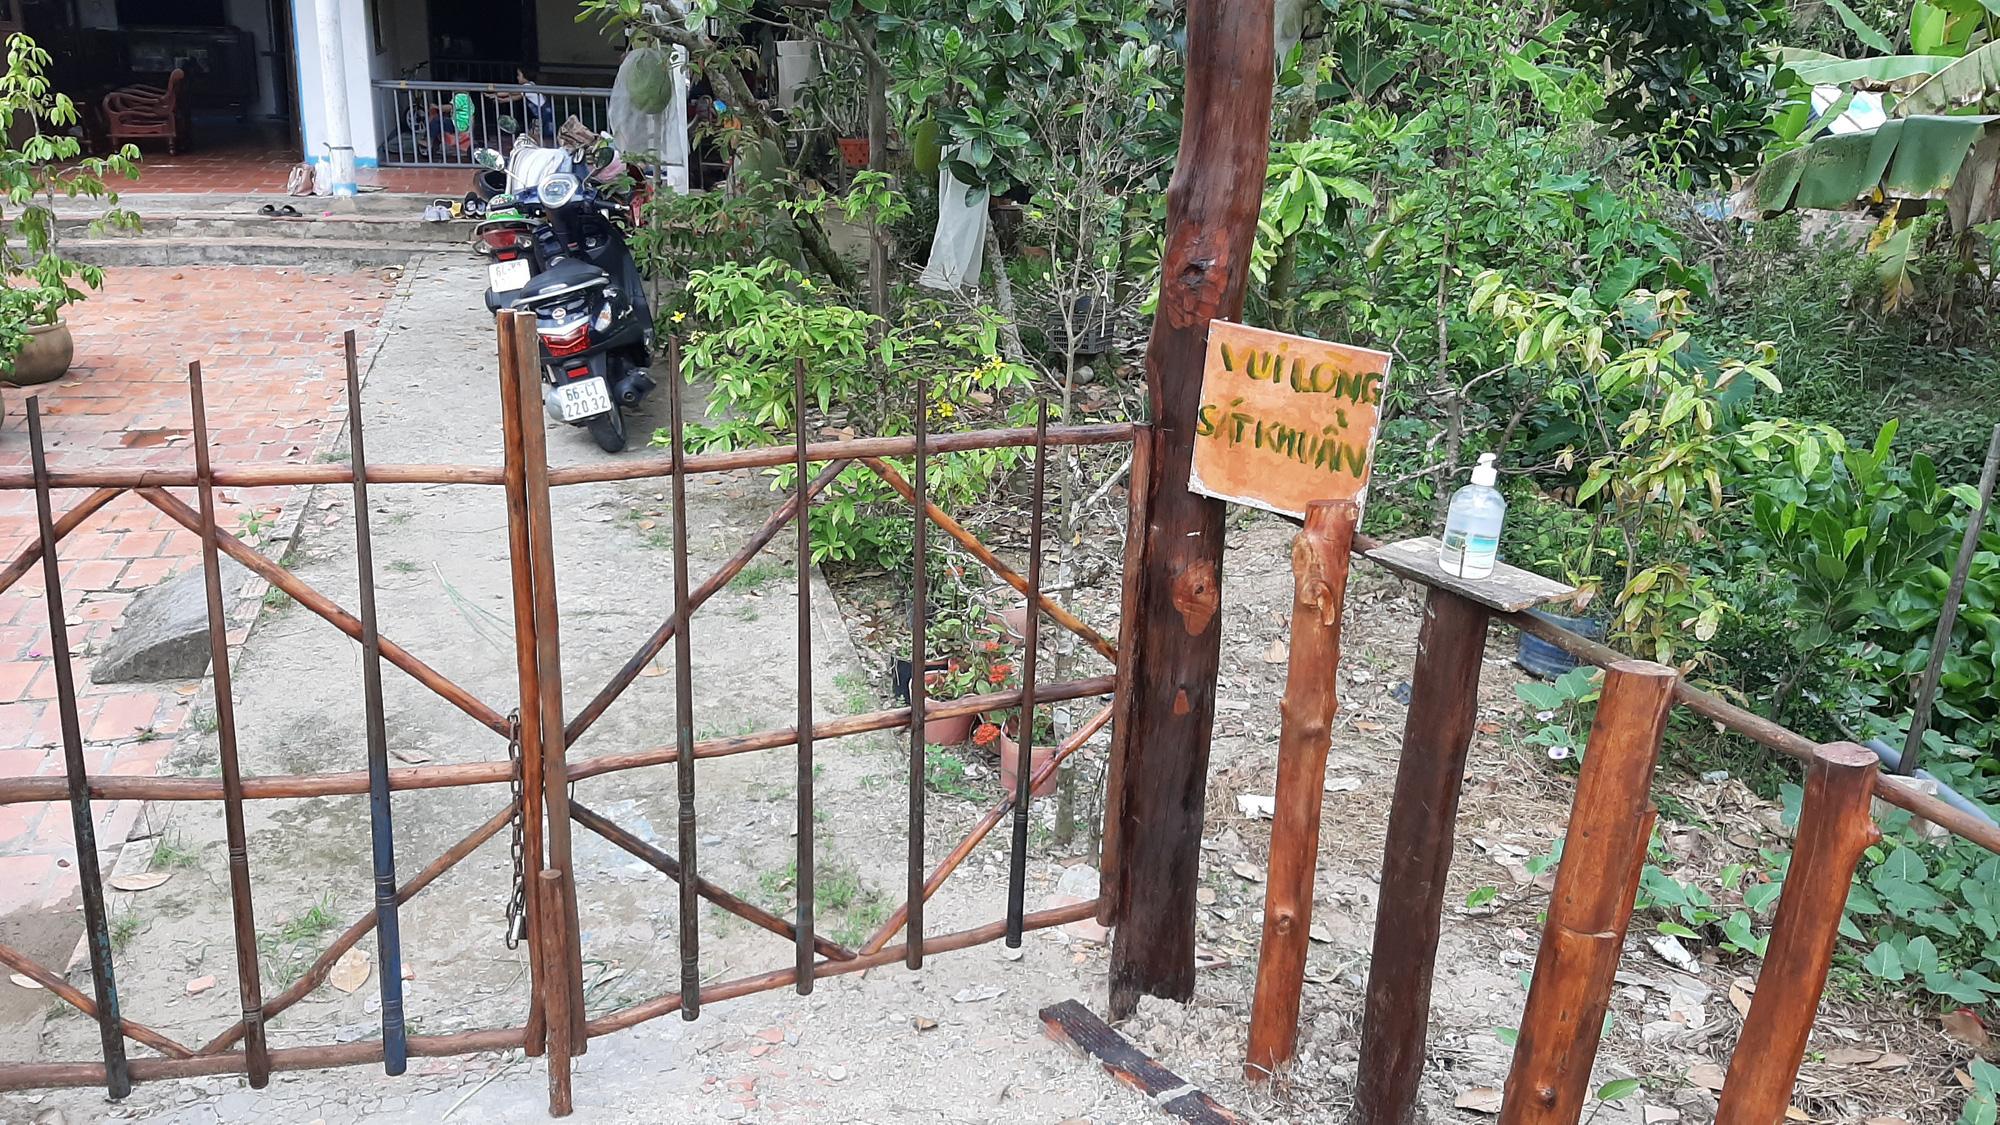 Hình chân thật những ngày Tết phòng tránh dịch Covid-19 ở một vùng quê thuộc tỉnh Đồng Tháp.